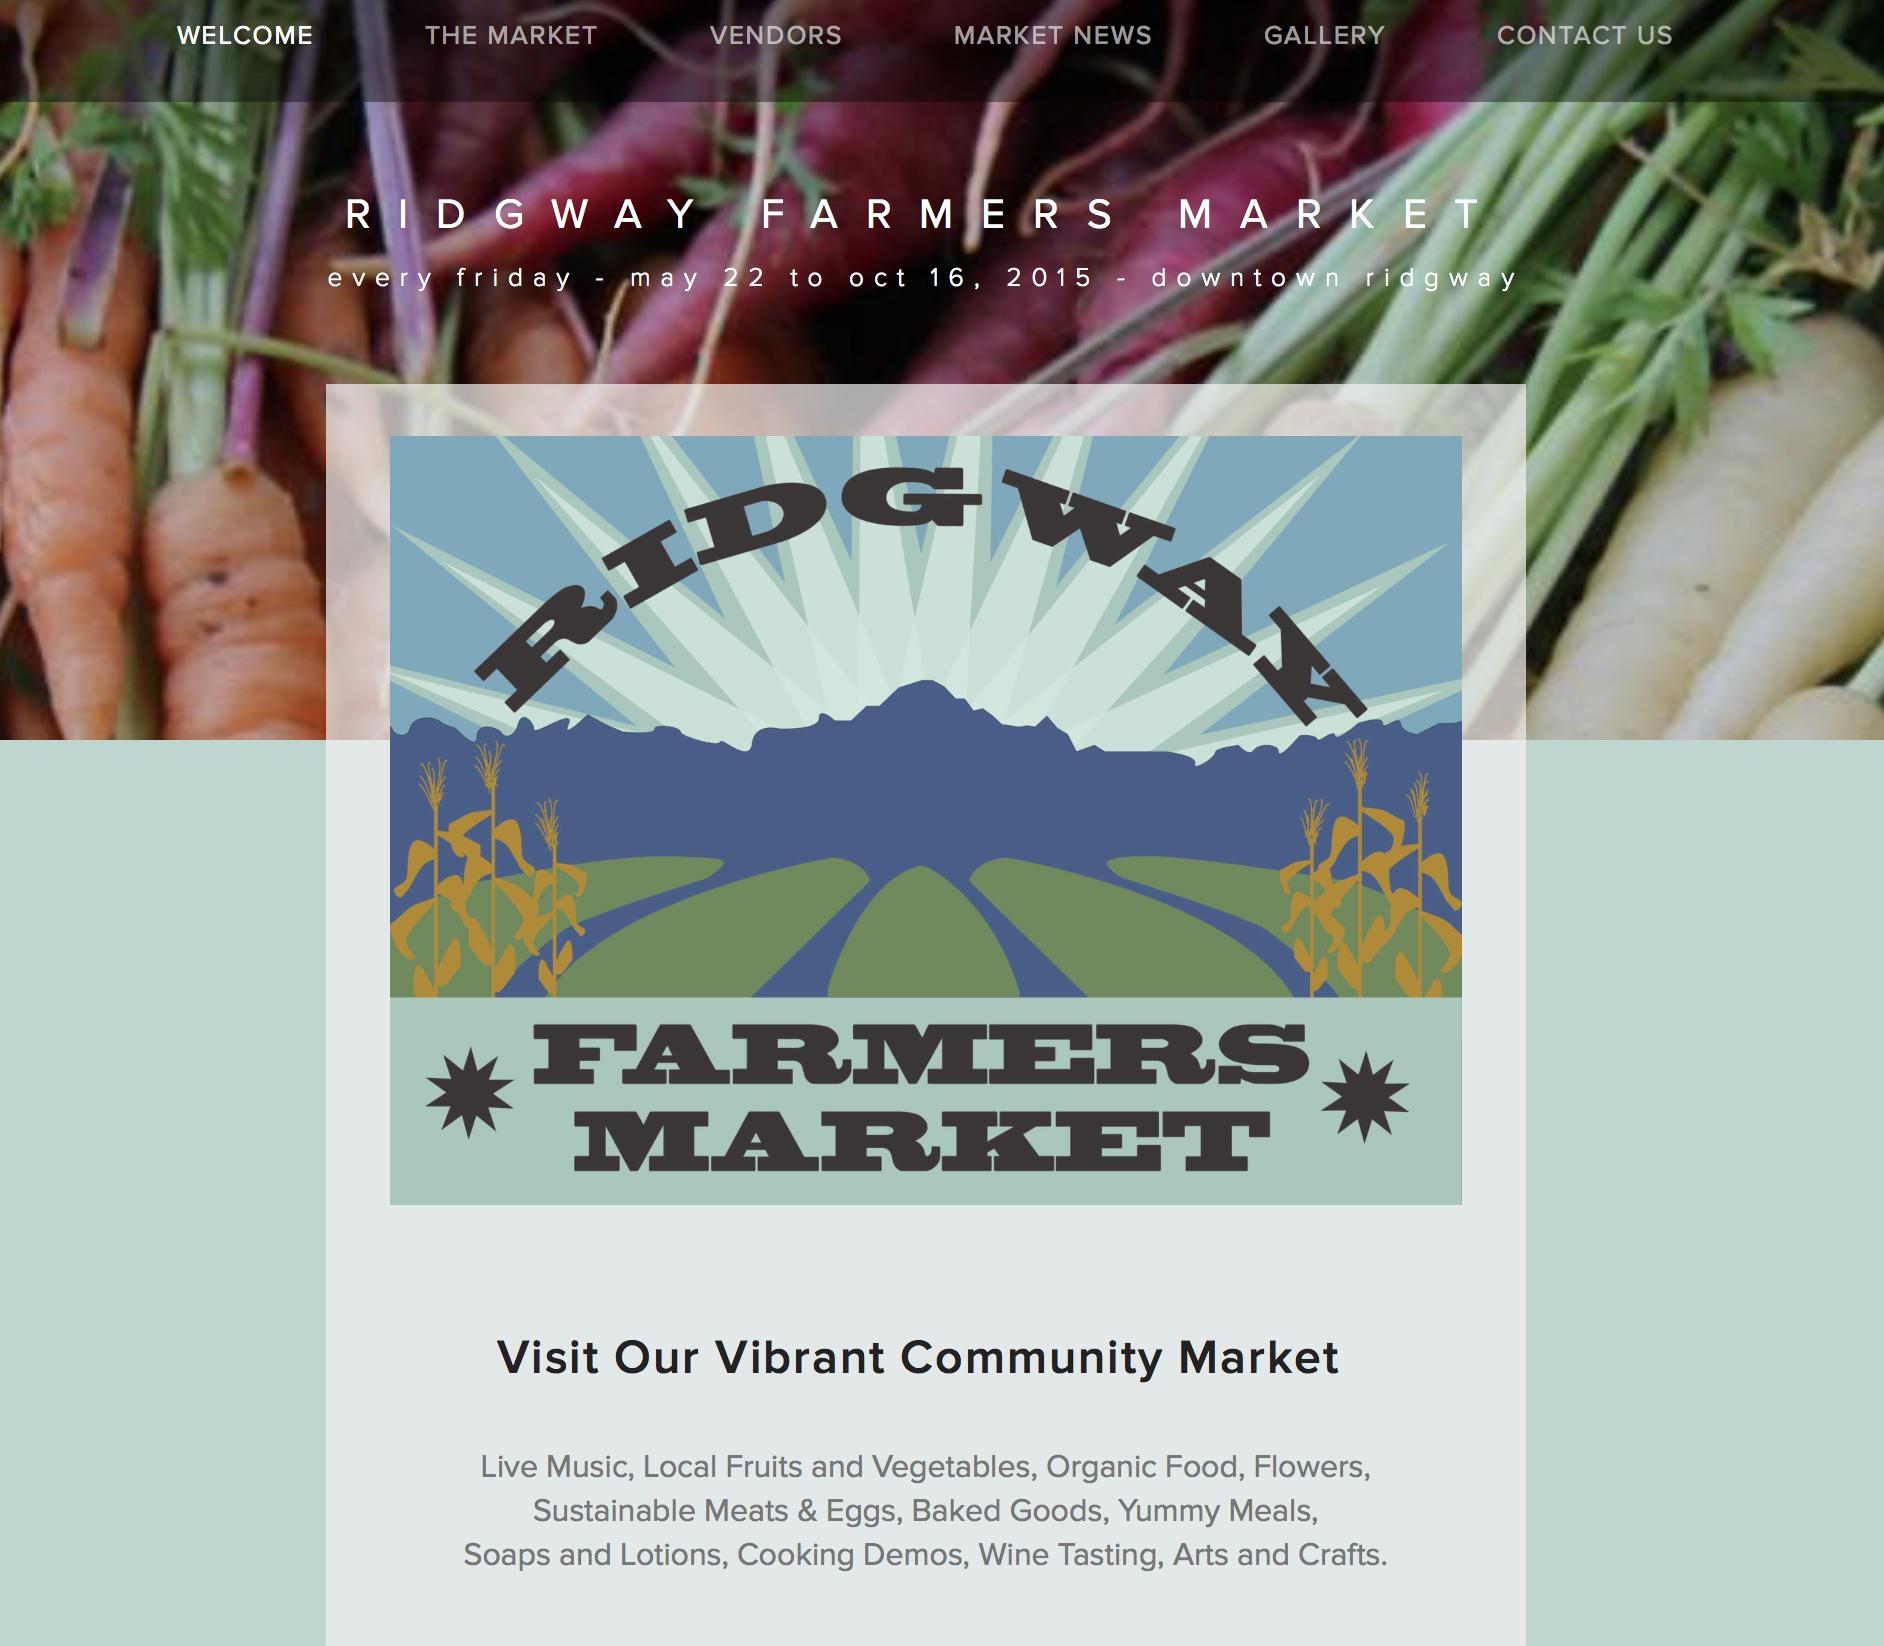 Ridgway Farmers Market Website